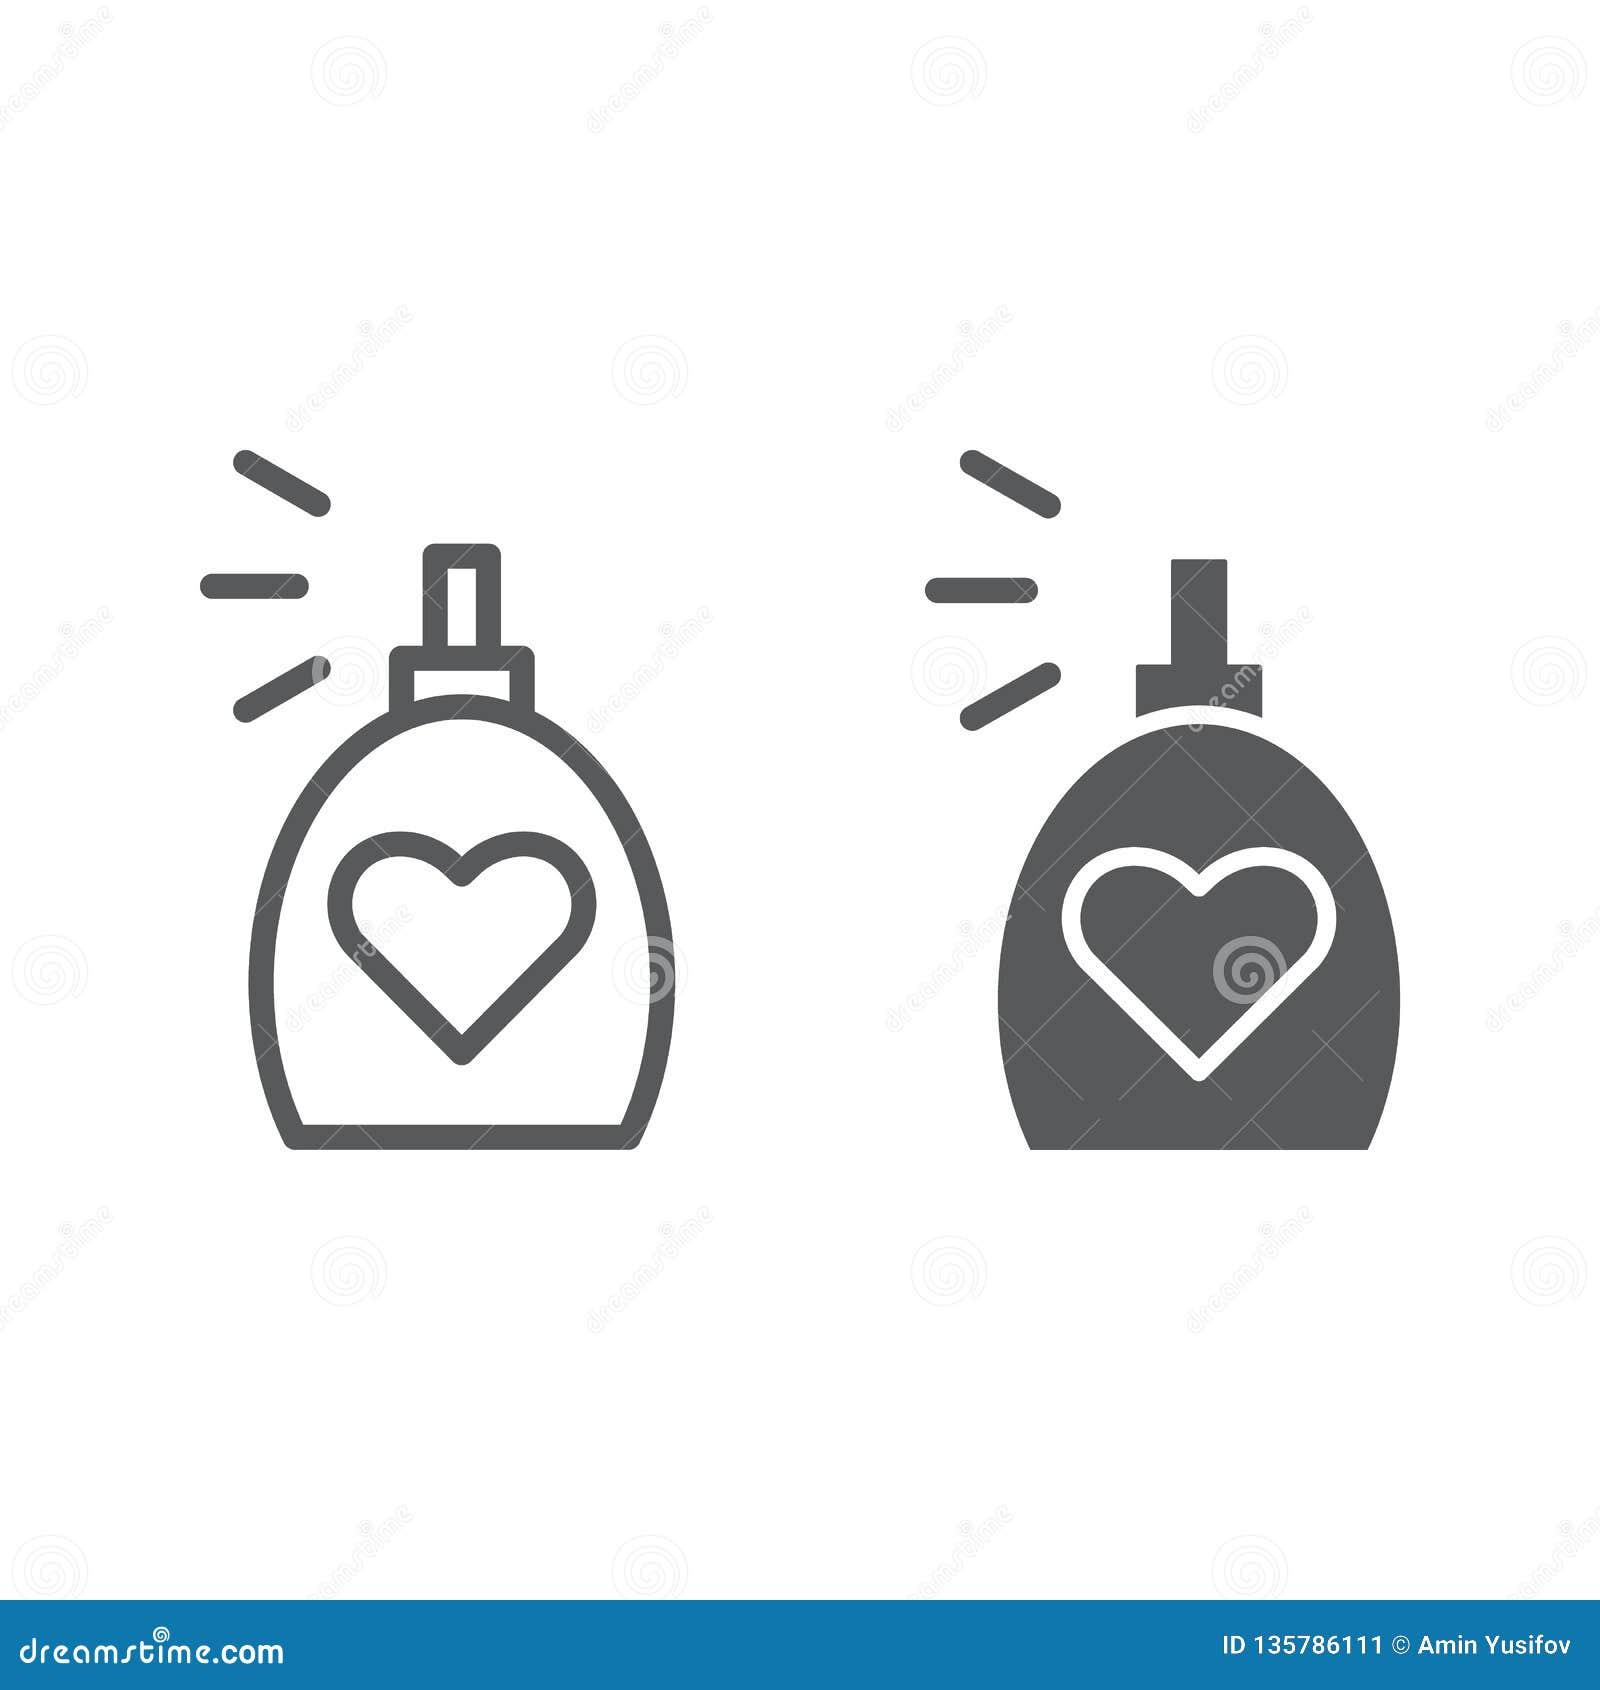 Линия благоуханием и значок глифа, ароматность и любовь, знак духов, векторные графики, линейная картина на белой предпосылке